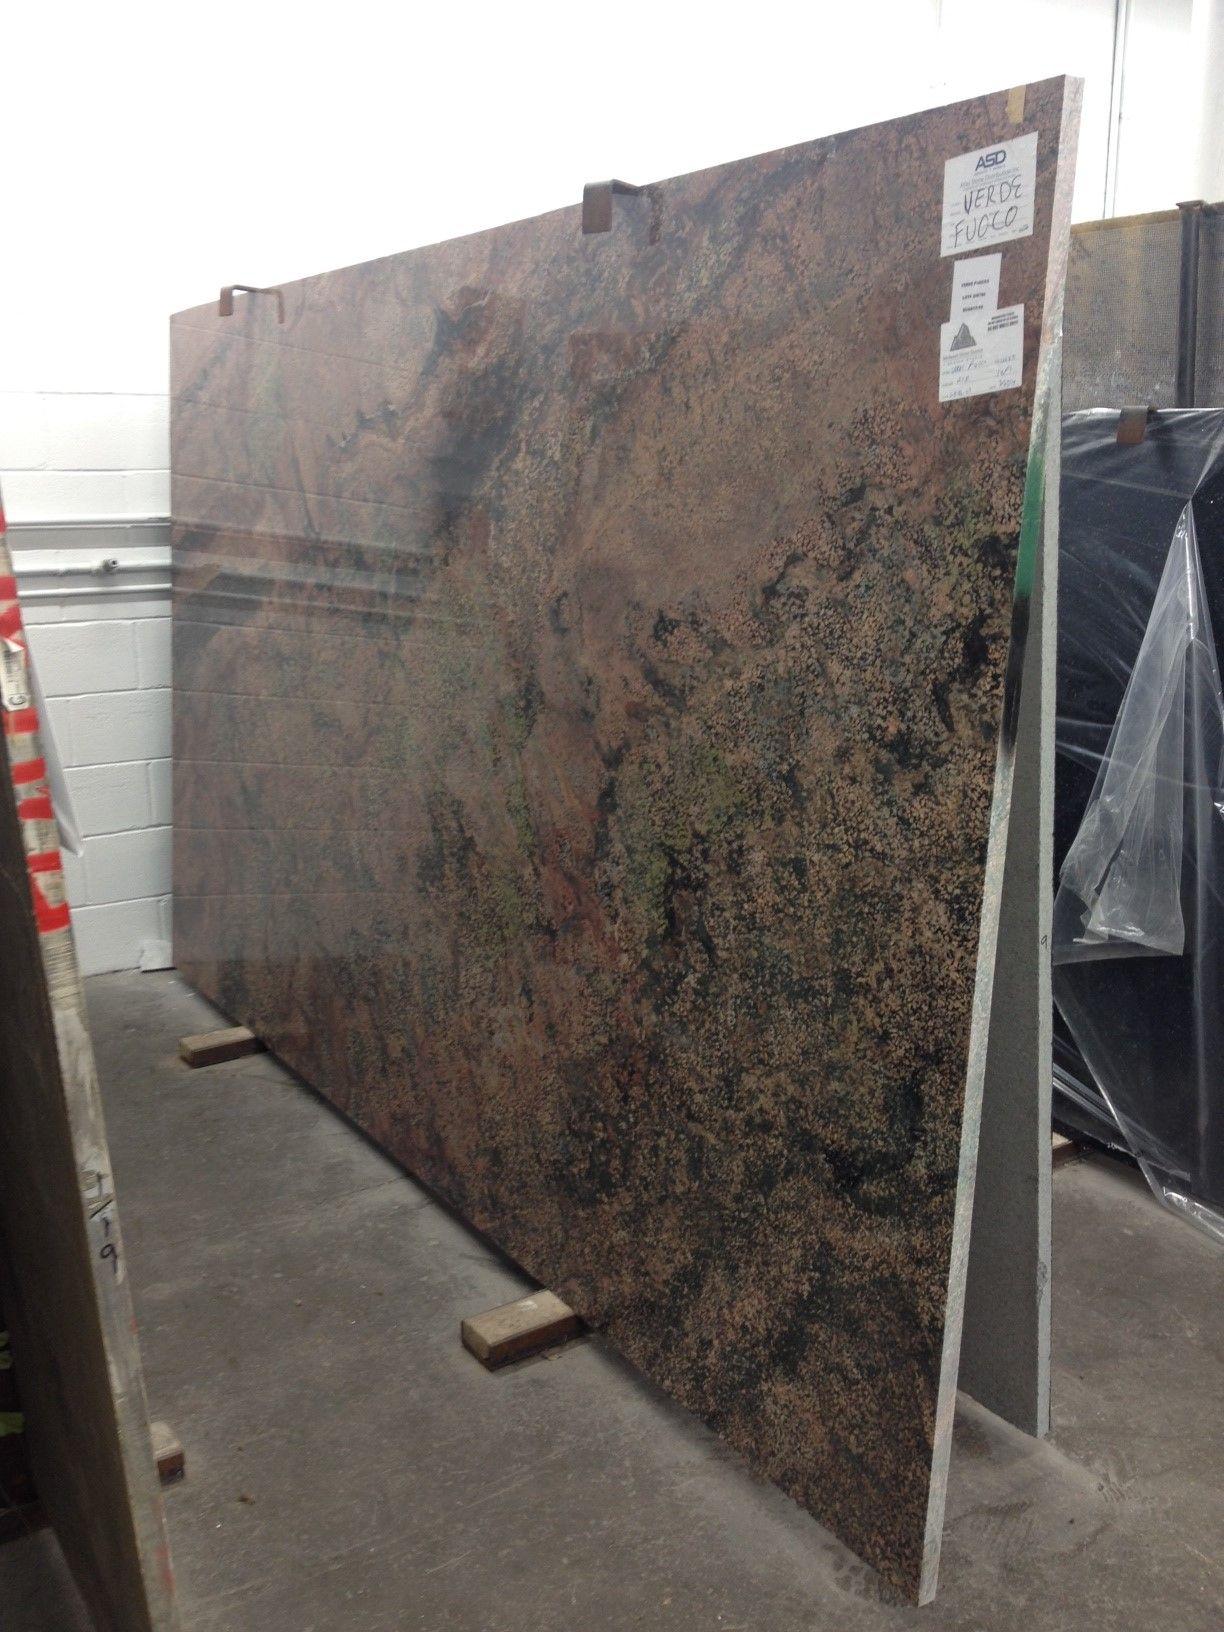 Beautfiul Slab Of Verde Fuoco Granite | Midwest Stone Source + Design  Studio | 815.395.